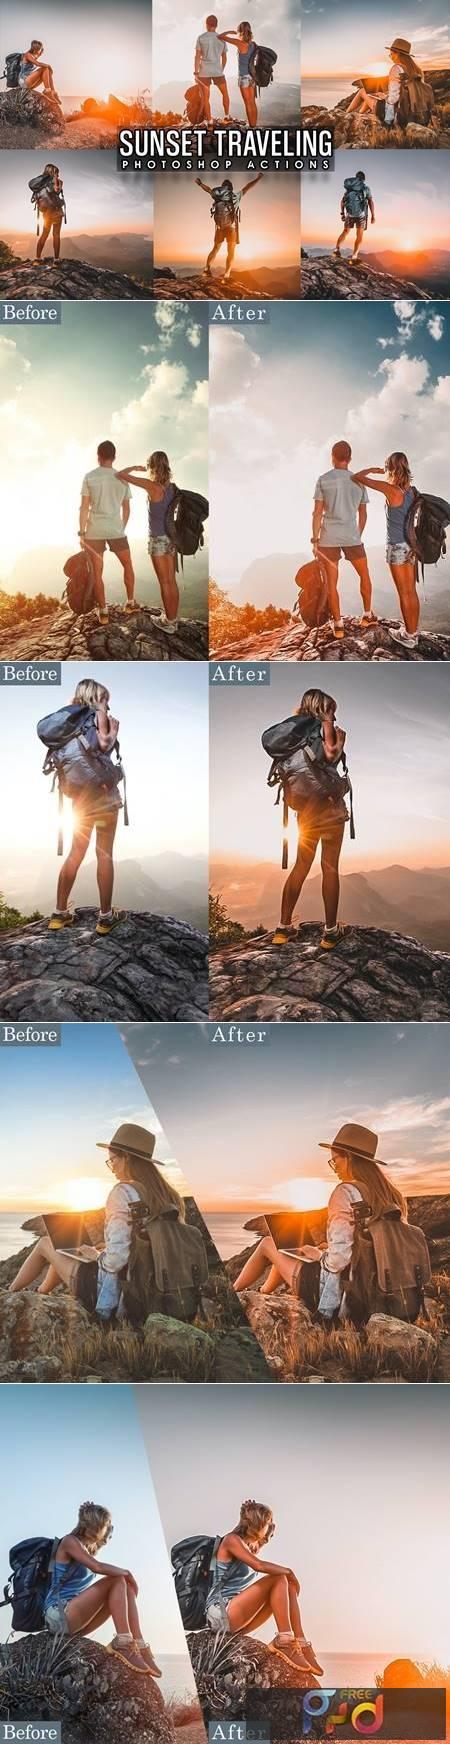 Sunset Traveling Photoshop Actions MXEHQZ6 1